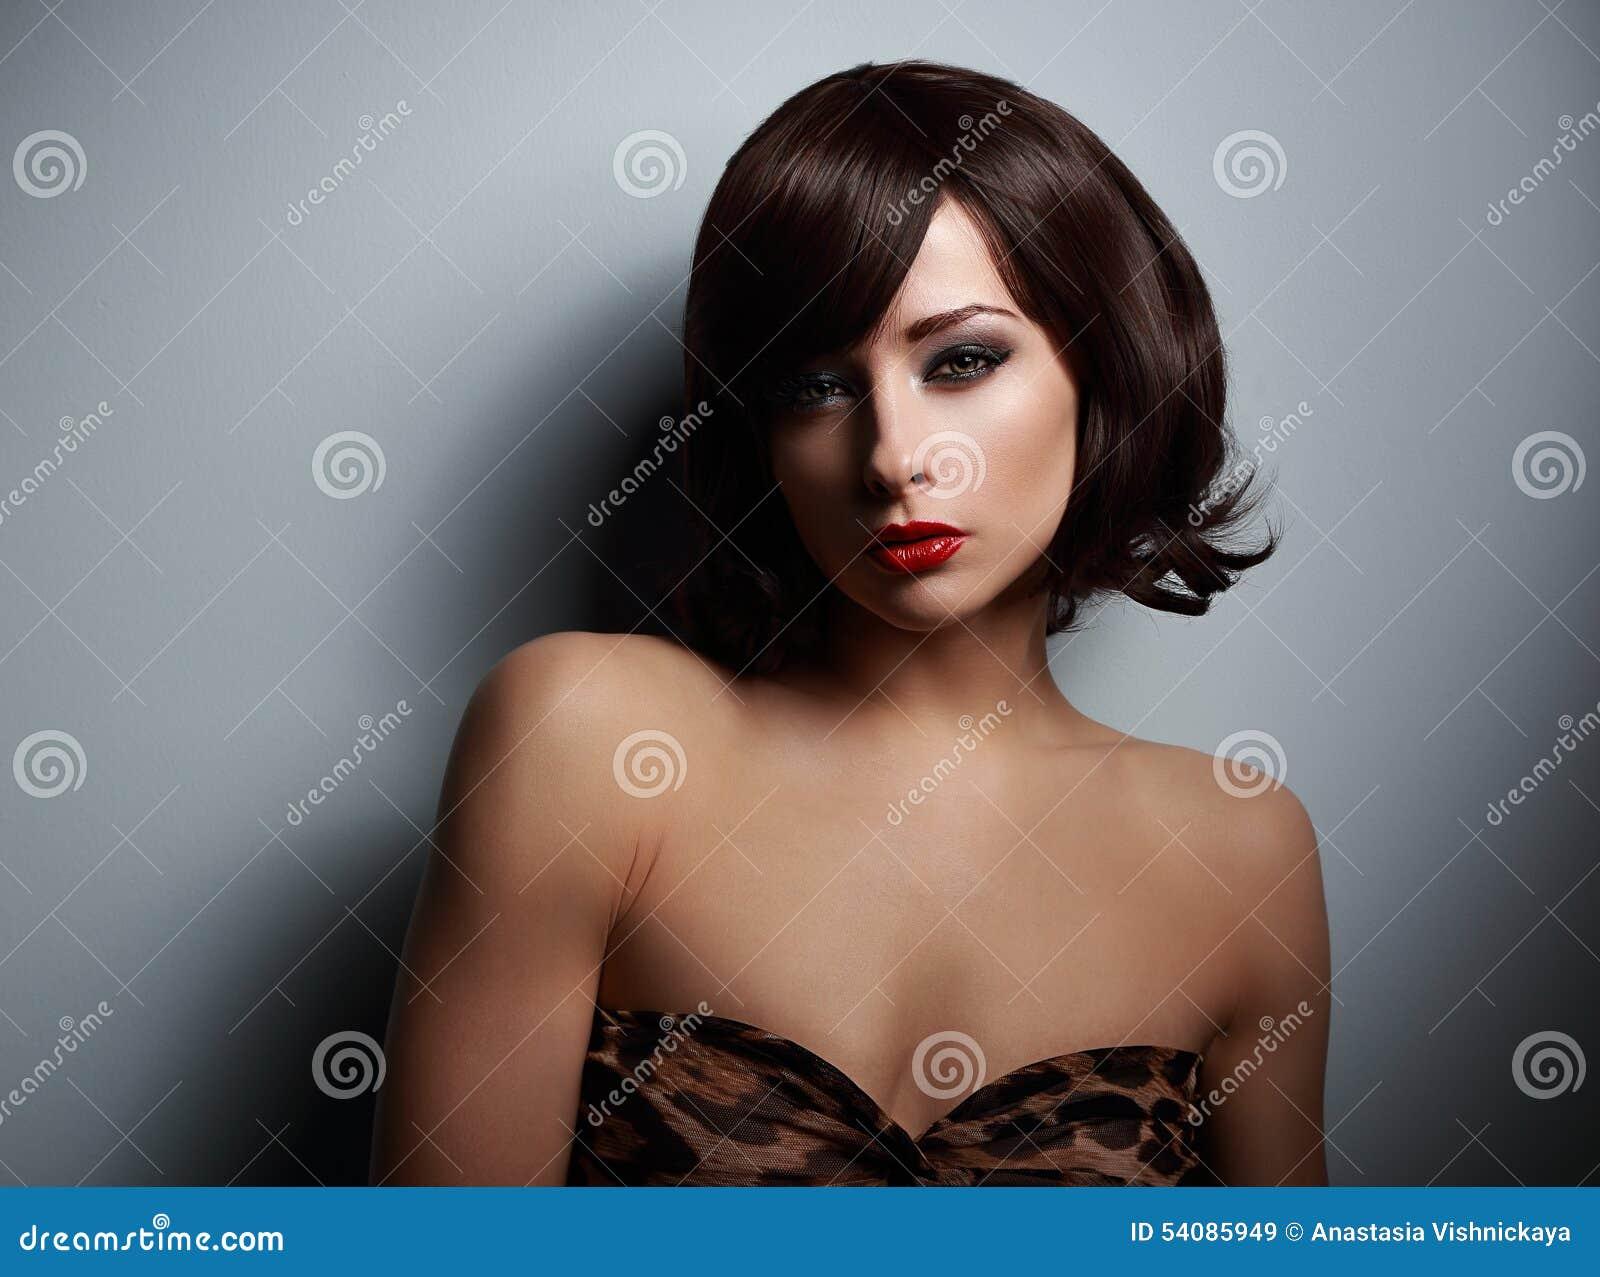 Seksuele vrouw die met zwart kort haar op donkere achtergrond kijken